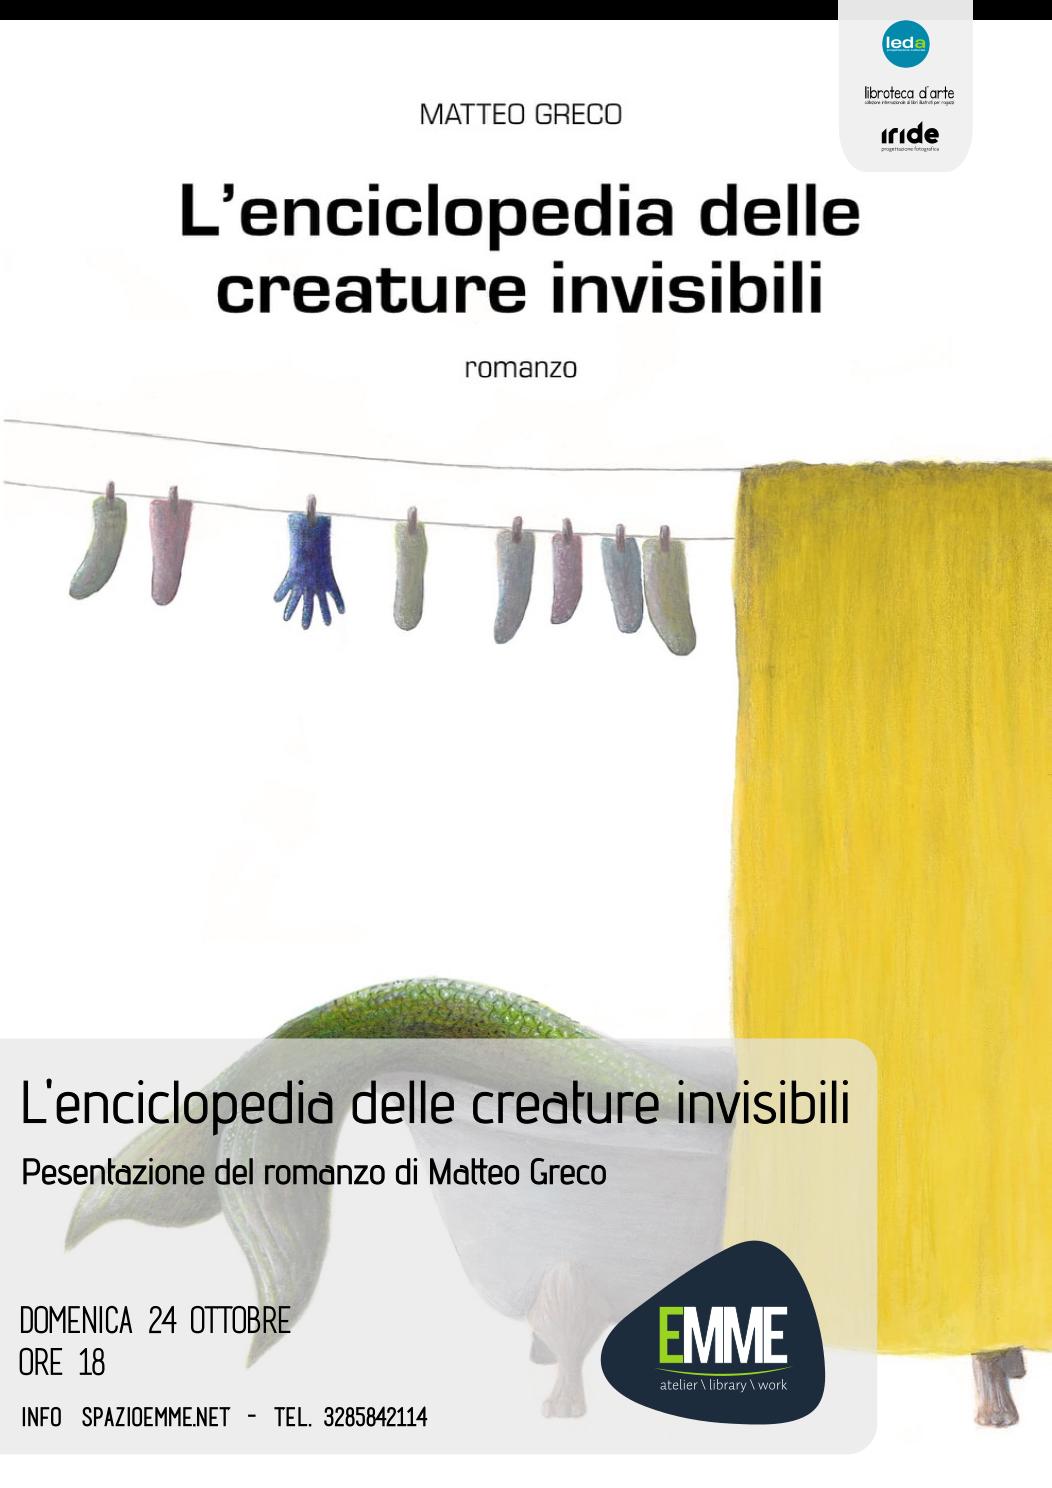 L'ENCICLOPEDIA DELLE CREATURE INVISIBILI